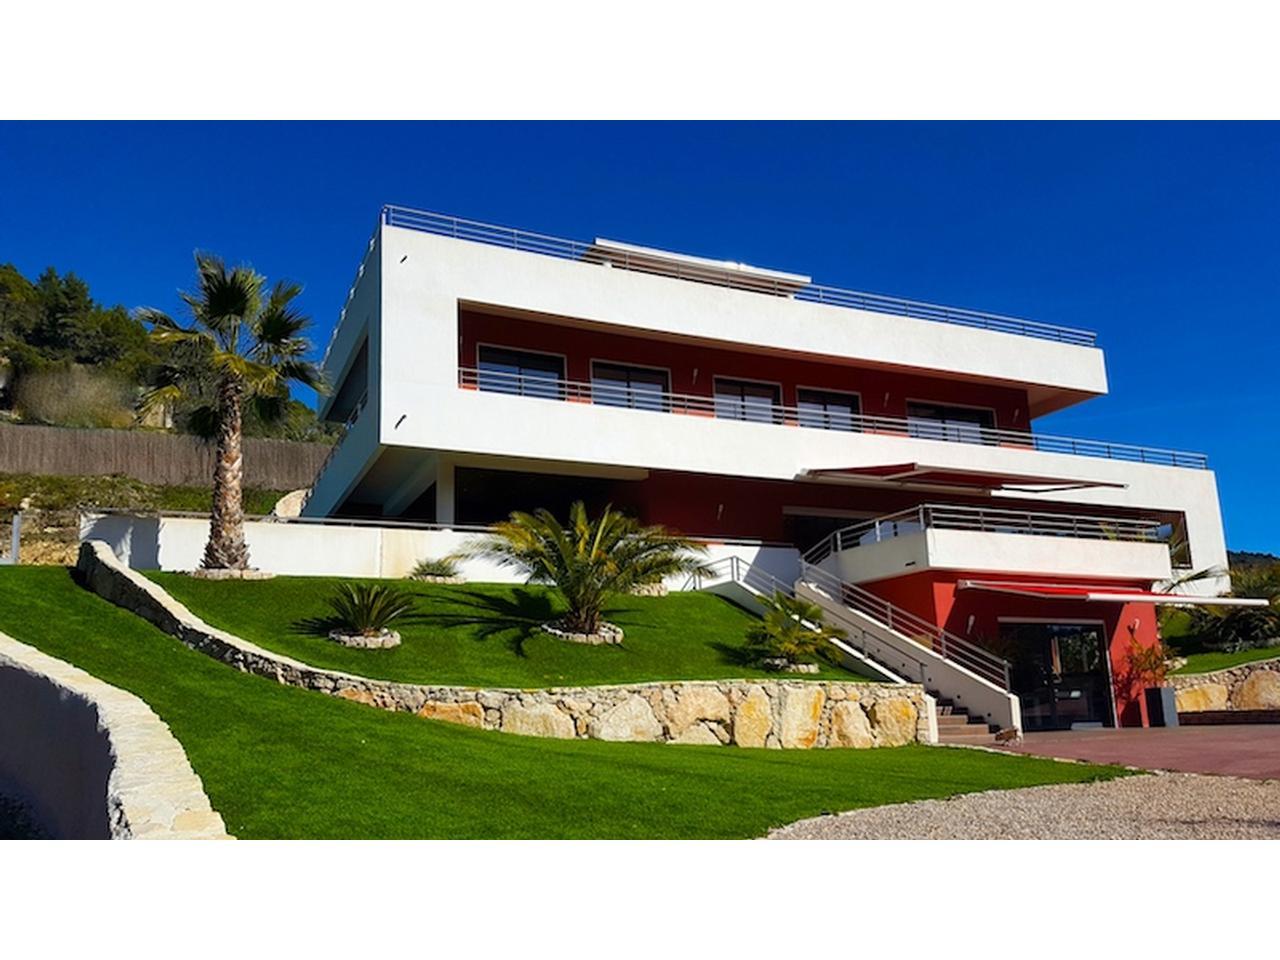 Immobilier Maison Nice Maison 8 Pieces